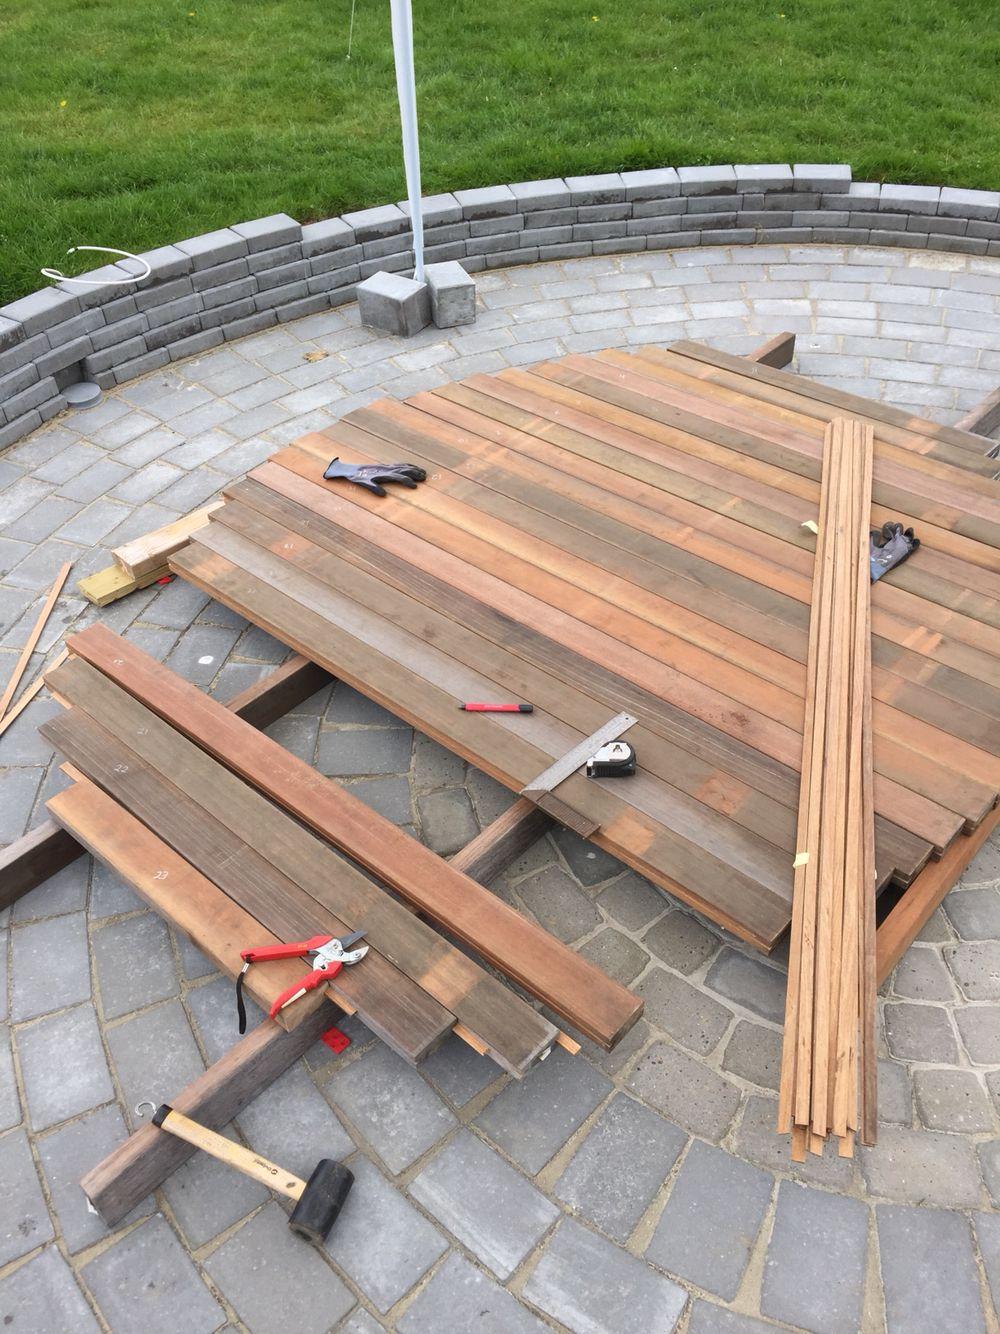 Making the bottom 40x90mm bangkirai sauna en 2019 - Construccion de saunas ...